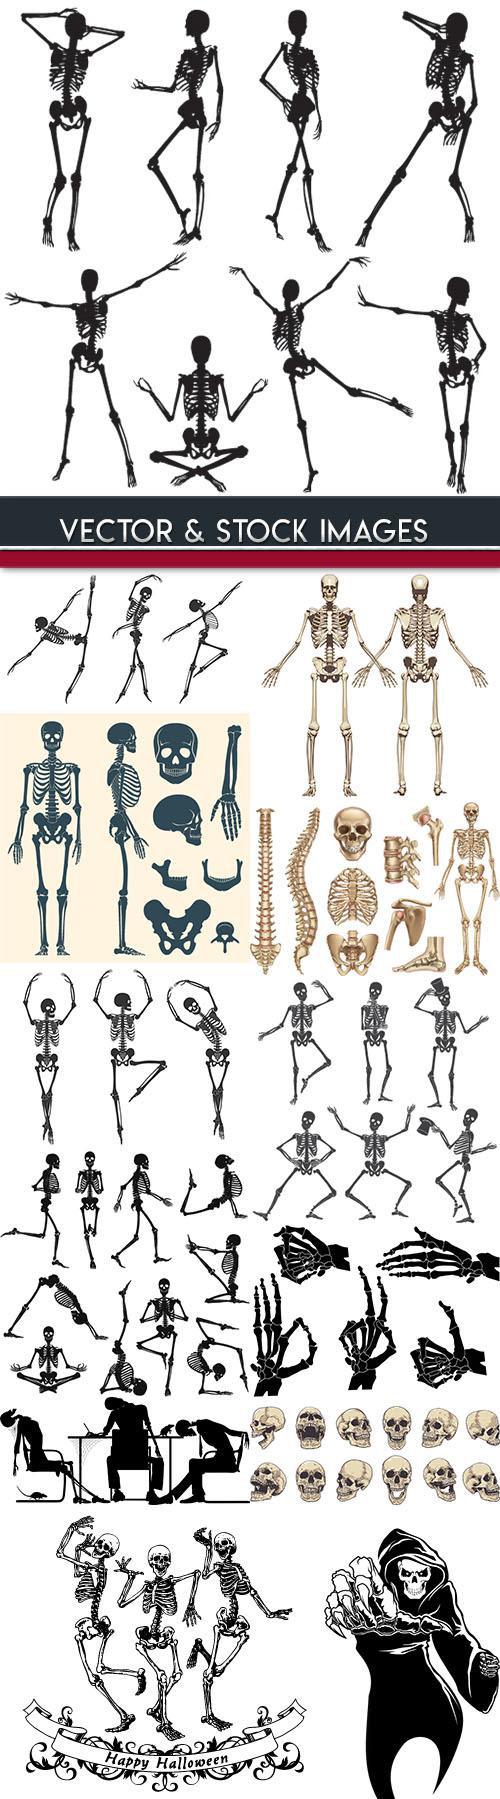 Human skeleton and bones in Halloween dance